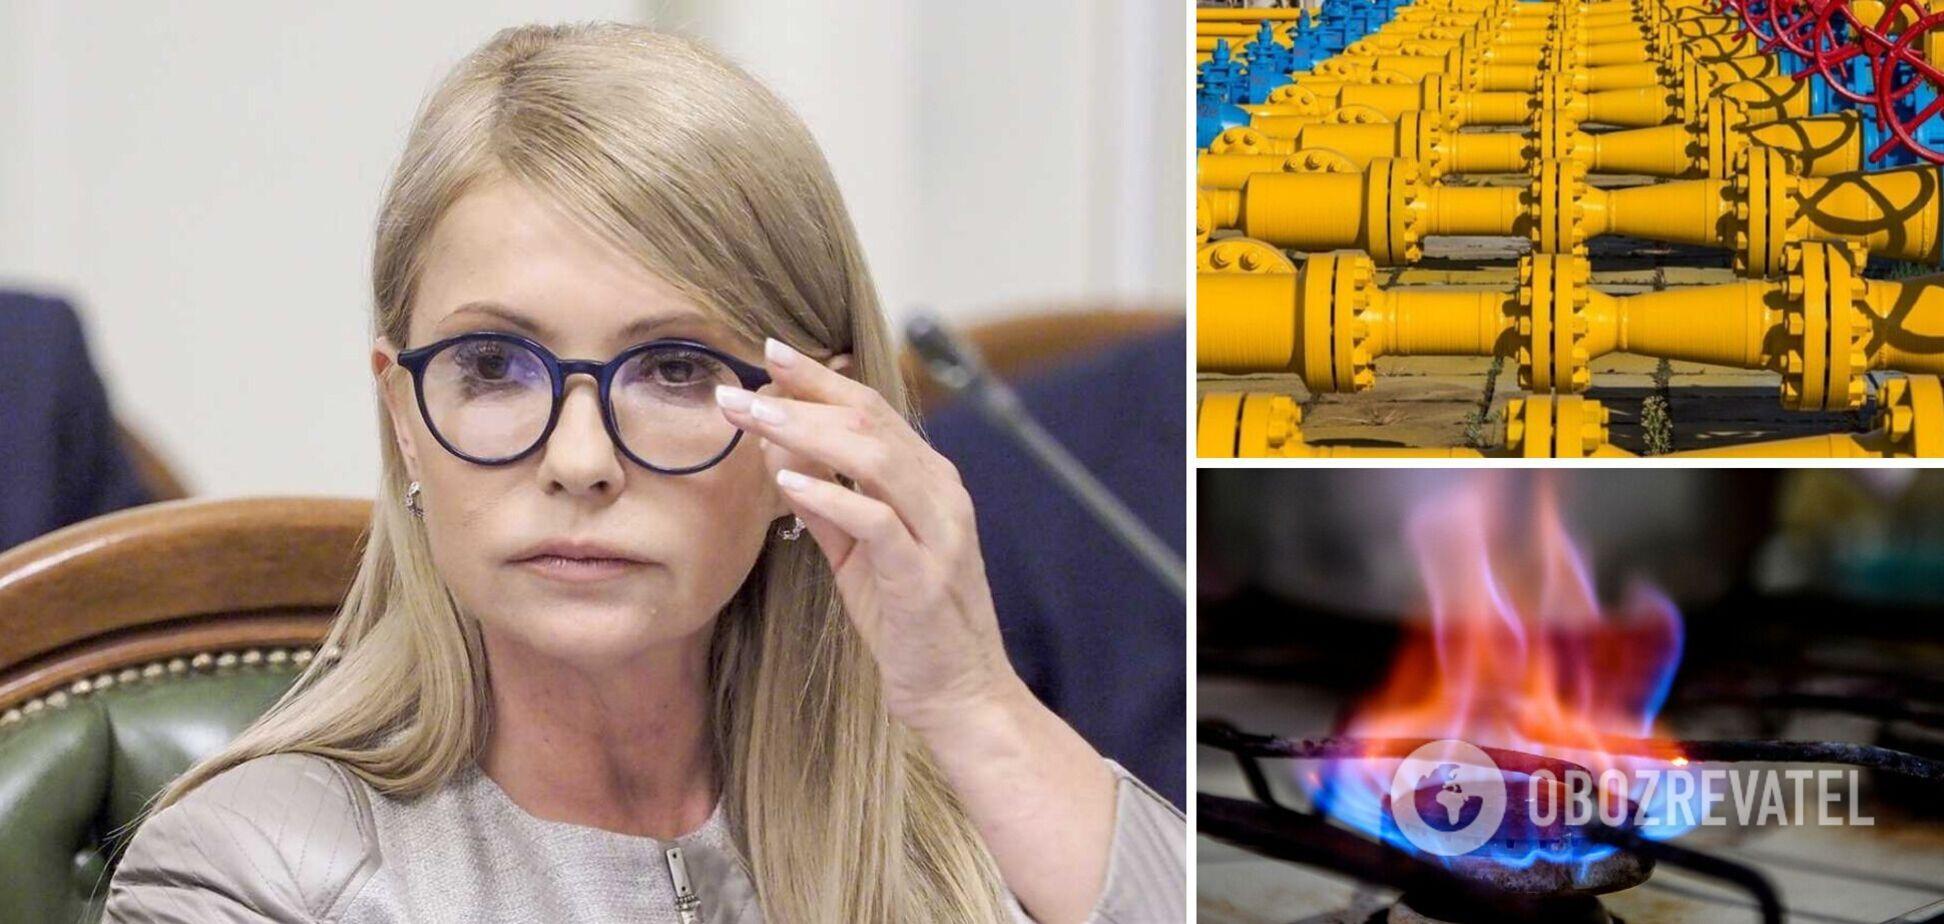 'Батьківщина' вимагає наради з прем'єром для узгодження дій із подолання енергетичної кризи